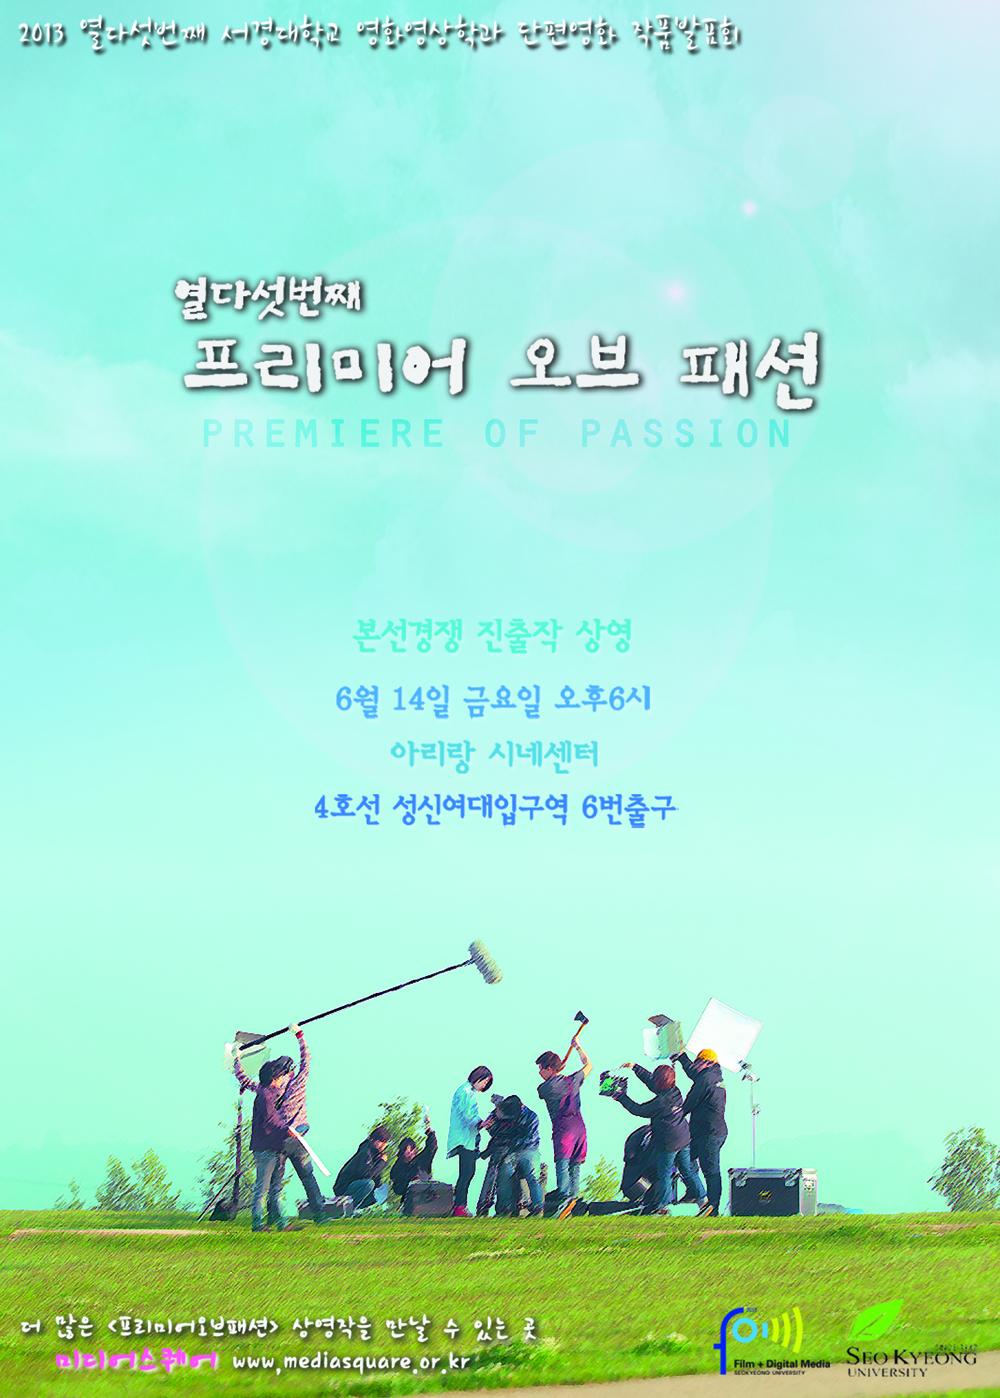 2013-1 Poster.jpg